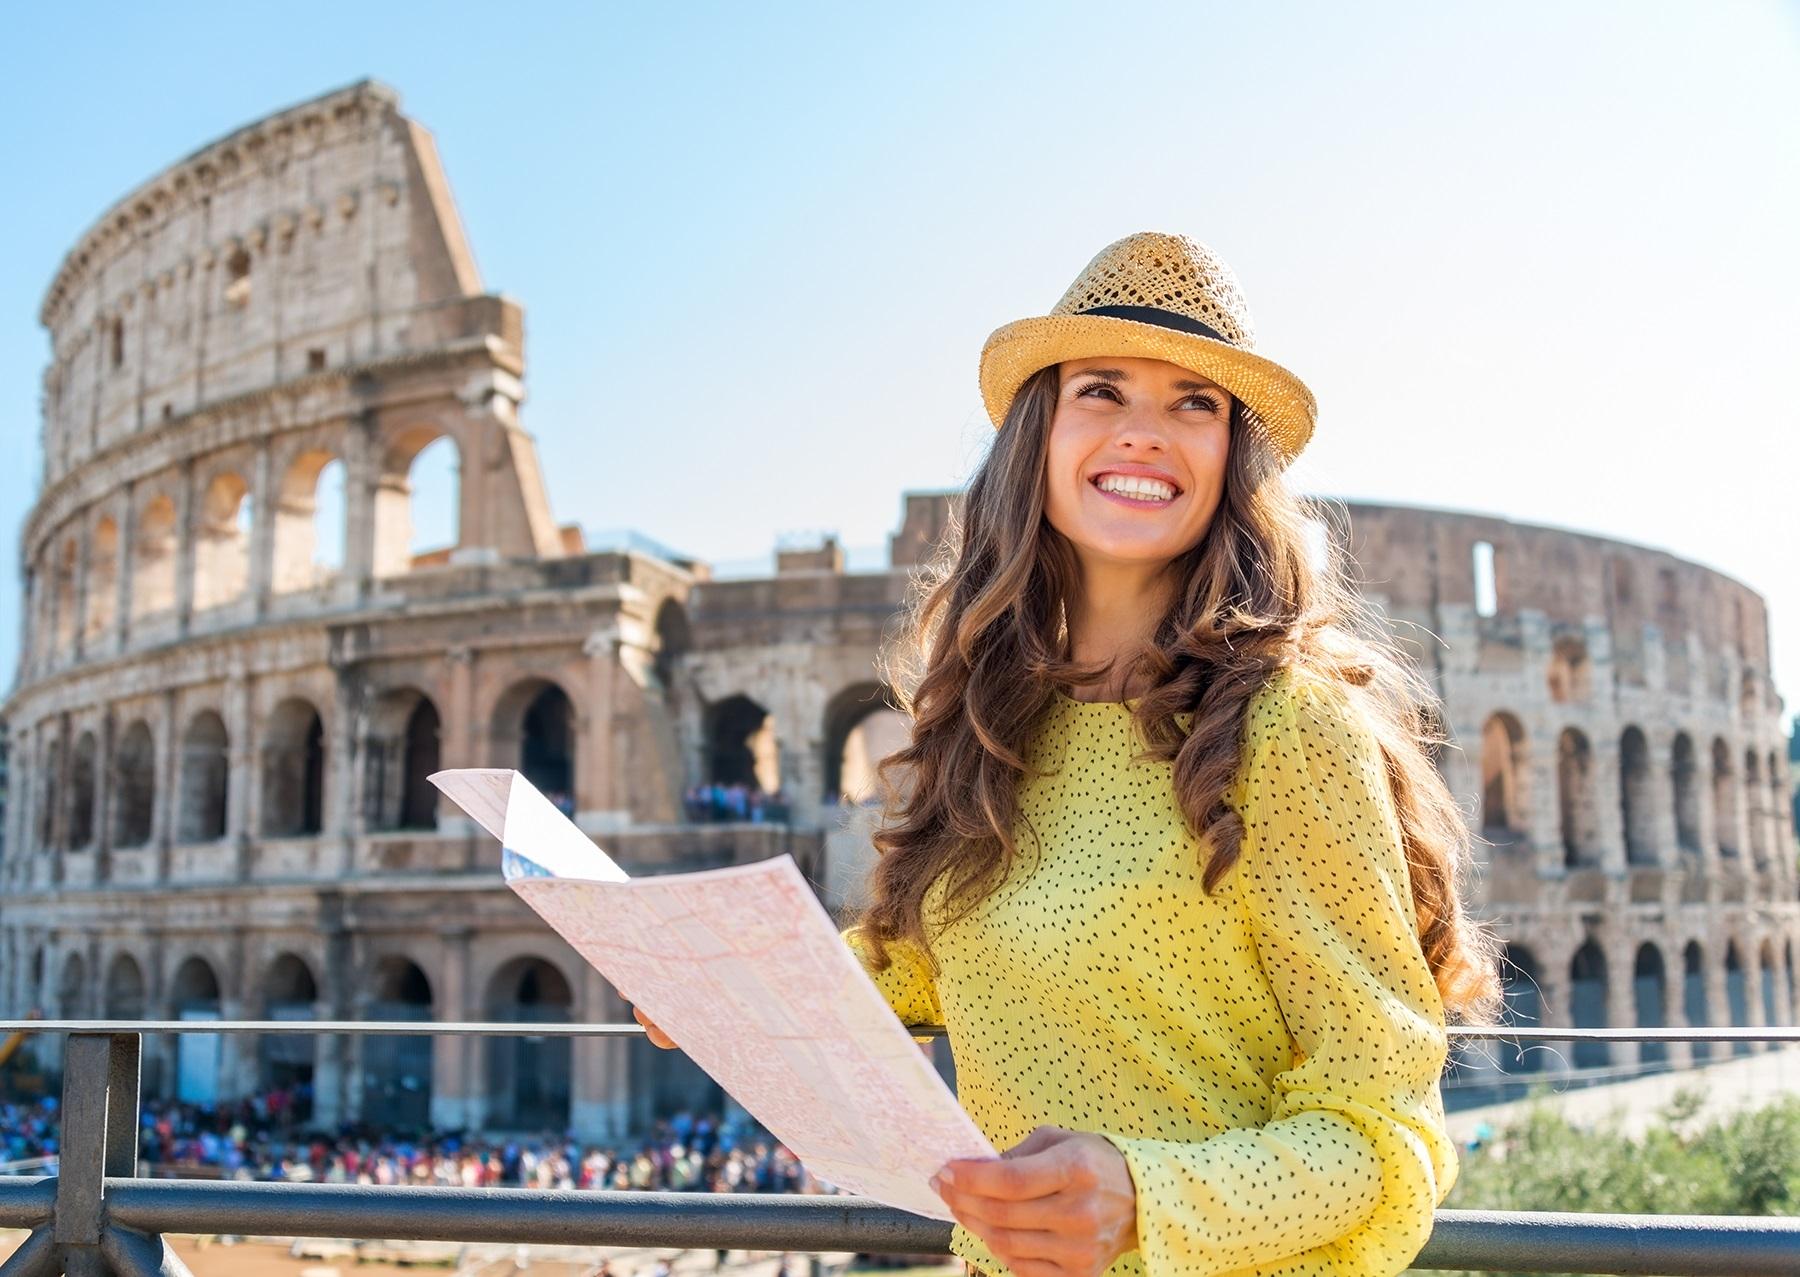 Как зарабатывать на путешествиях Профессии связанные с путешествиями по миру туризмом